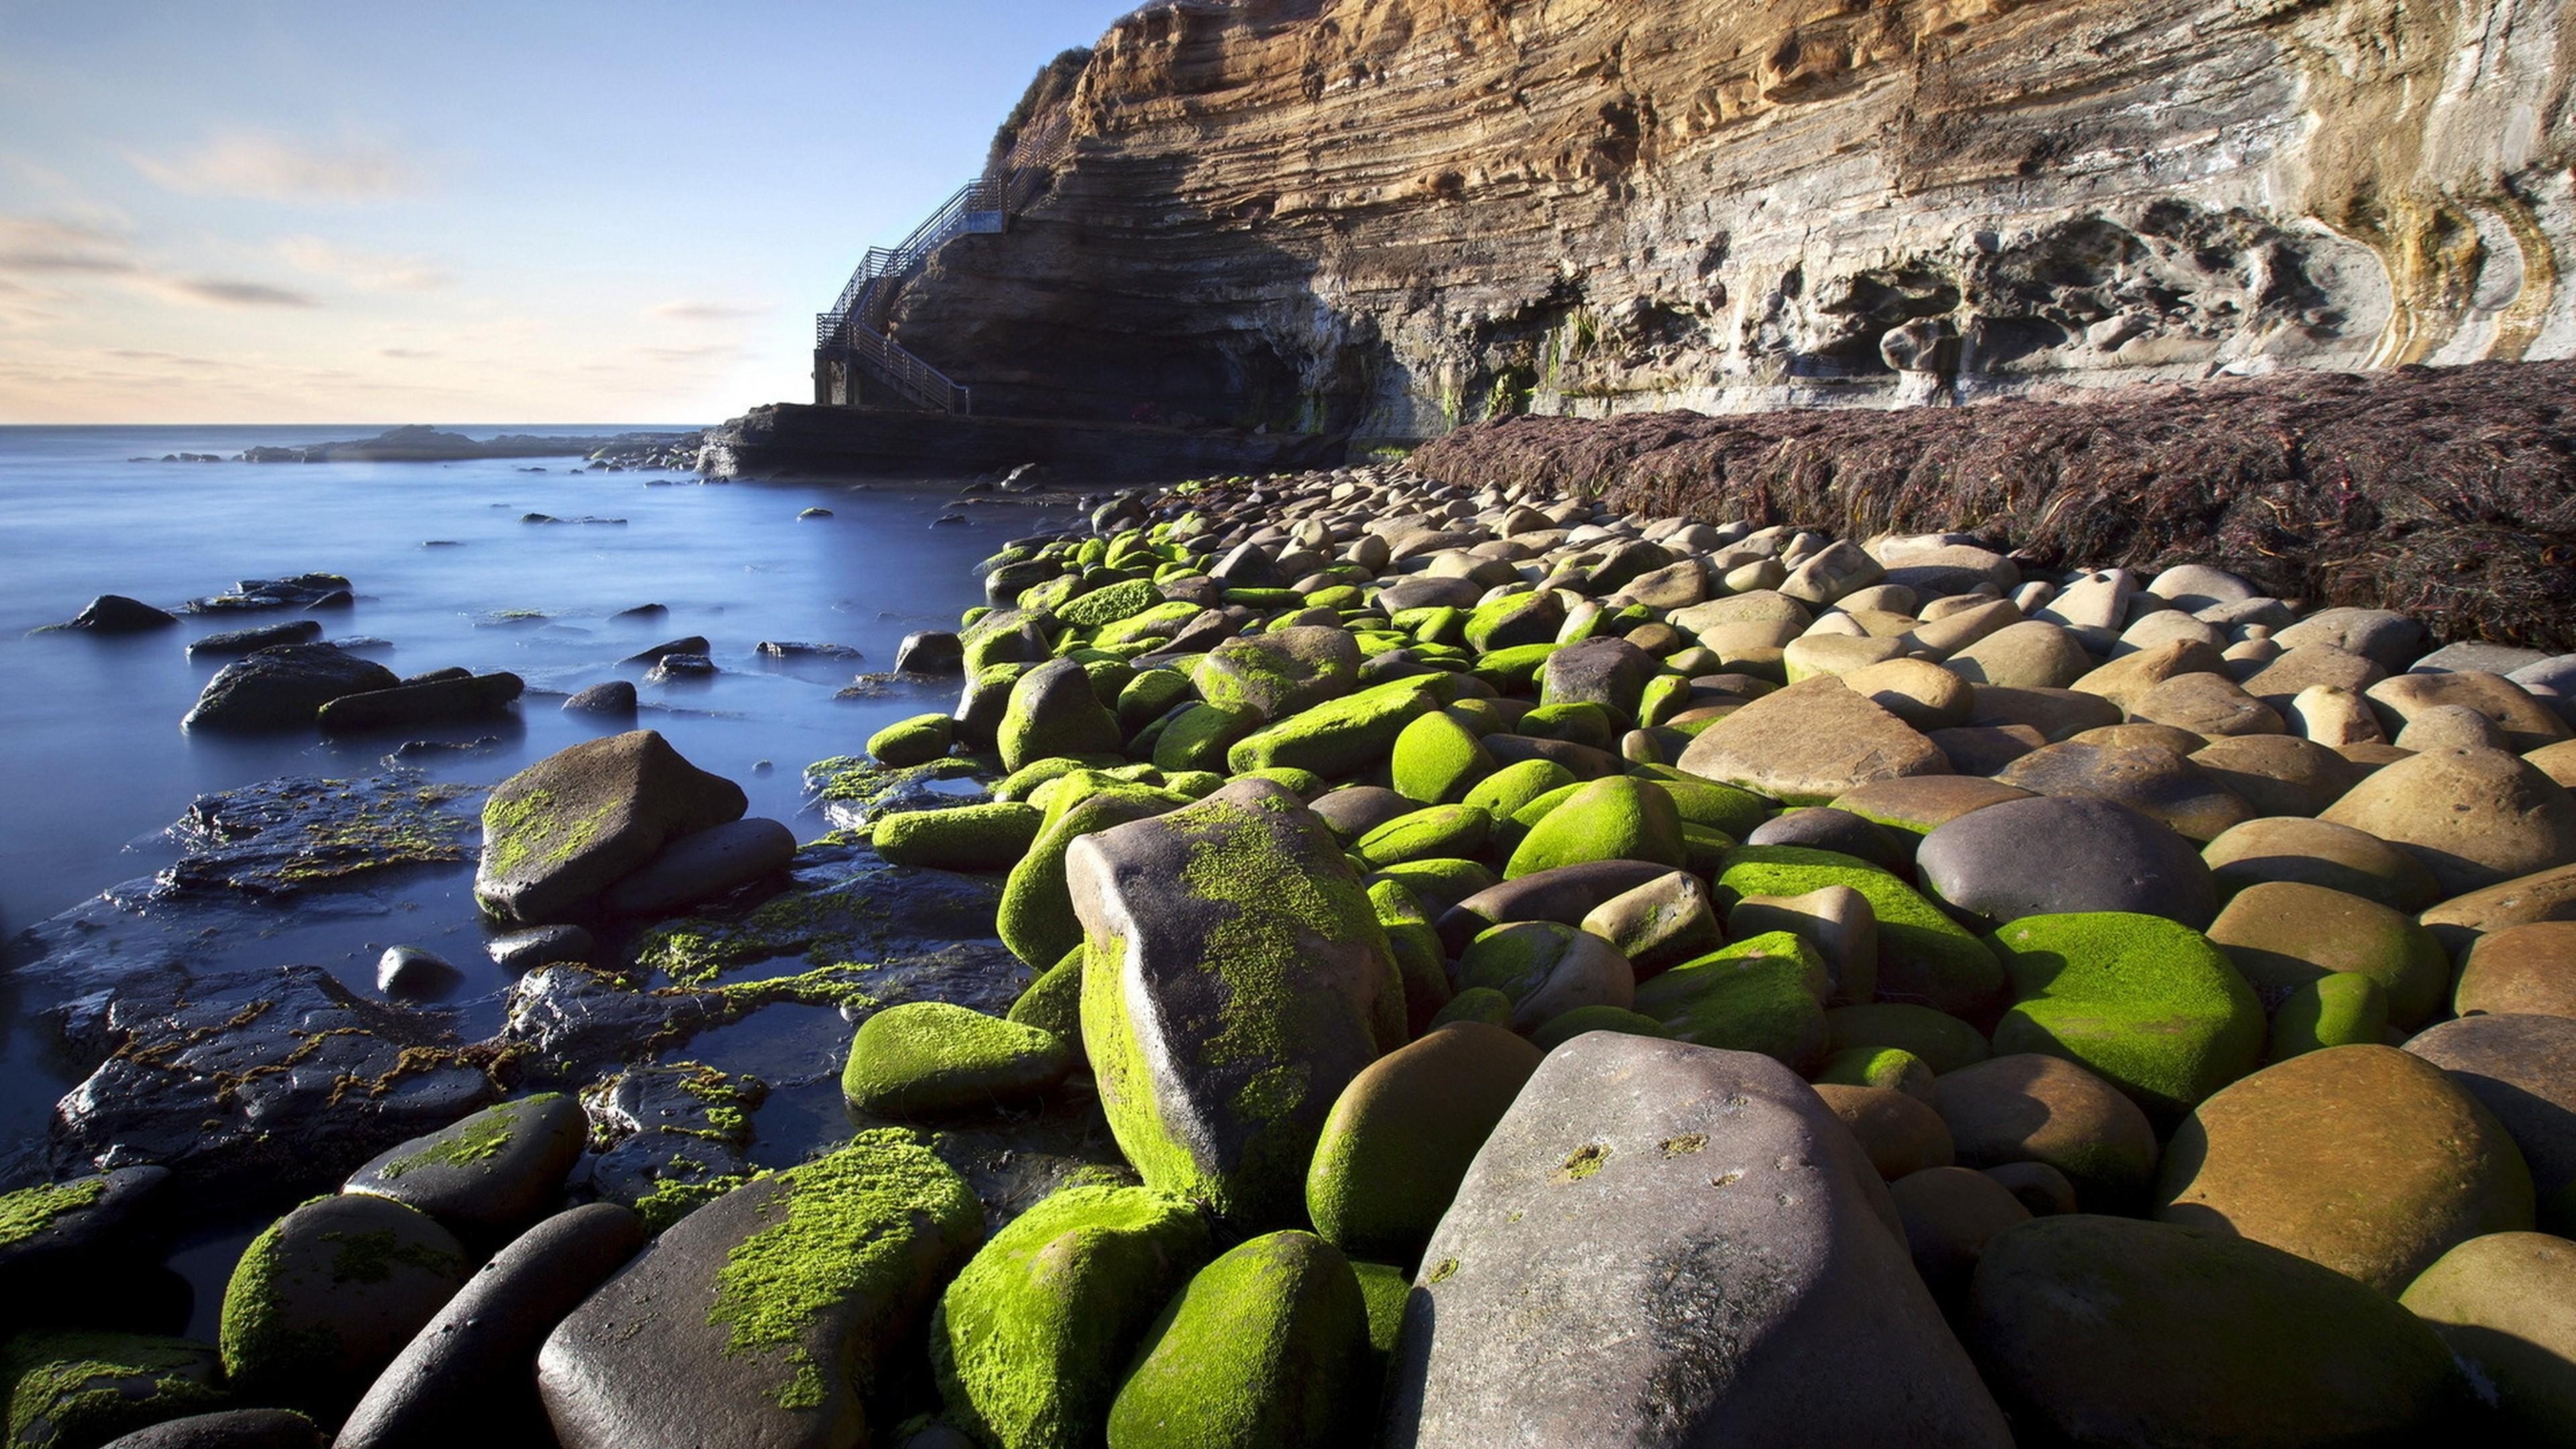 Камни со мхом на берегу без регистрации